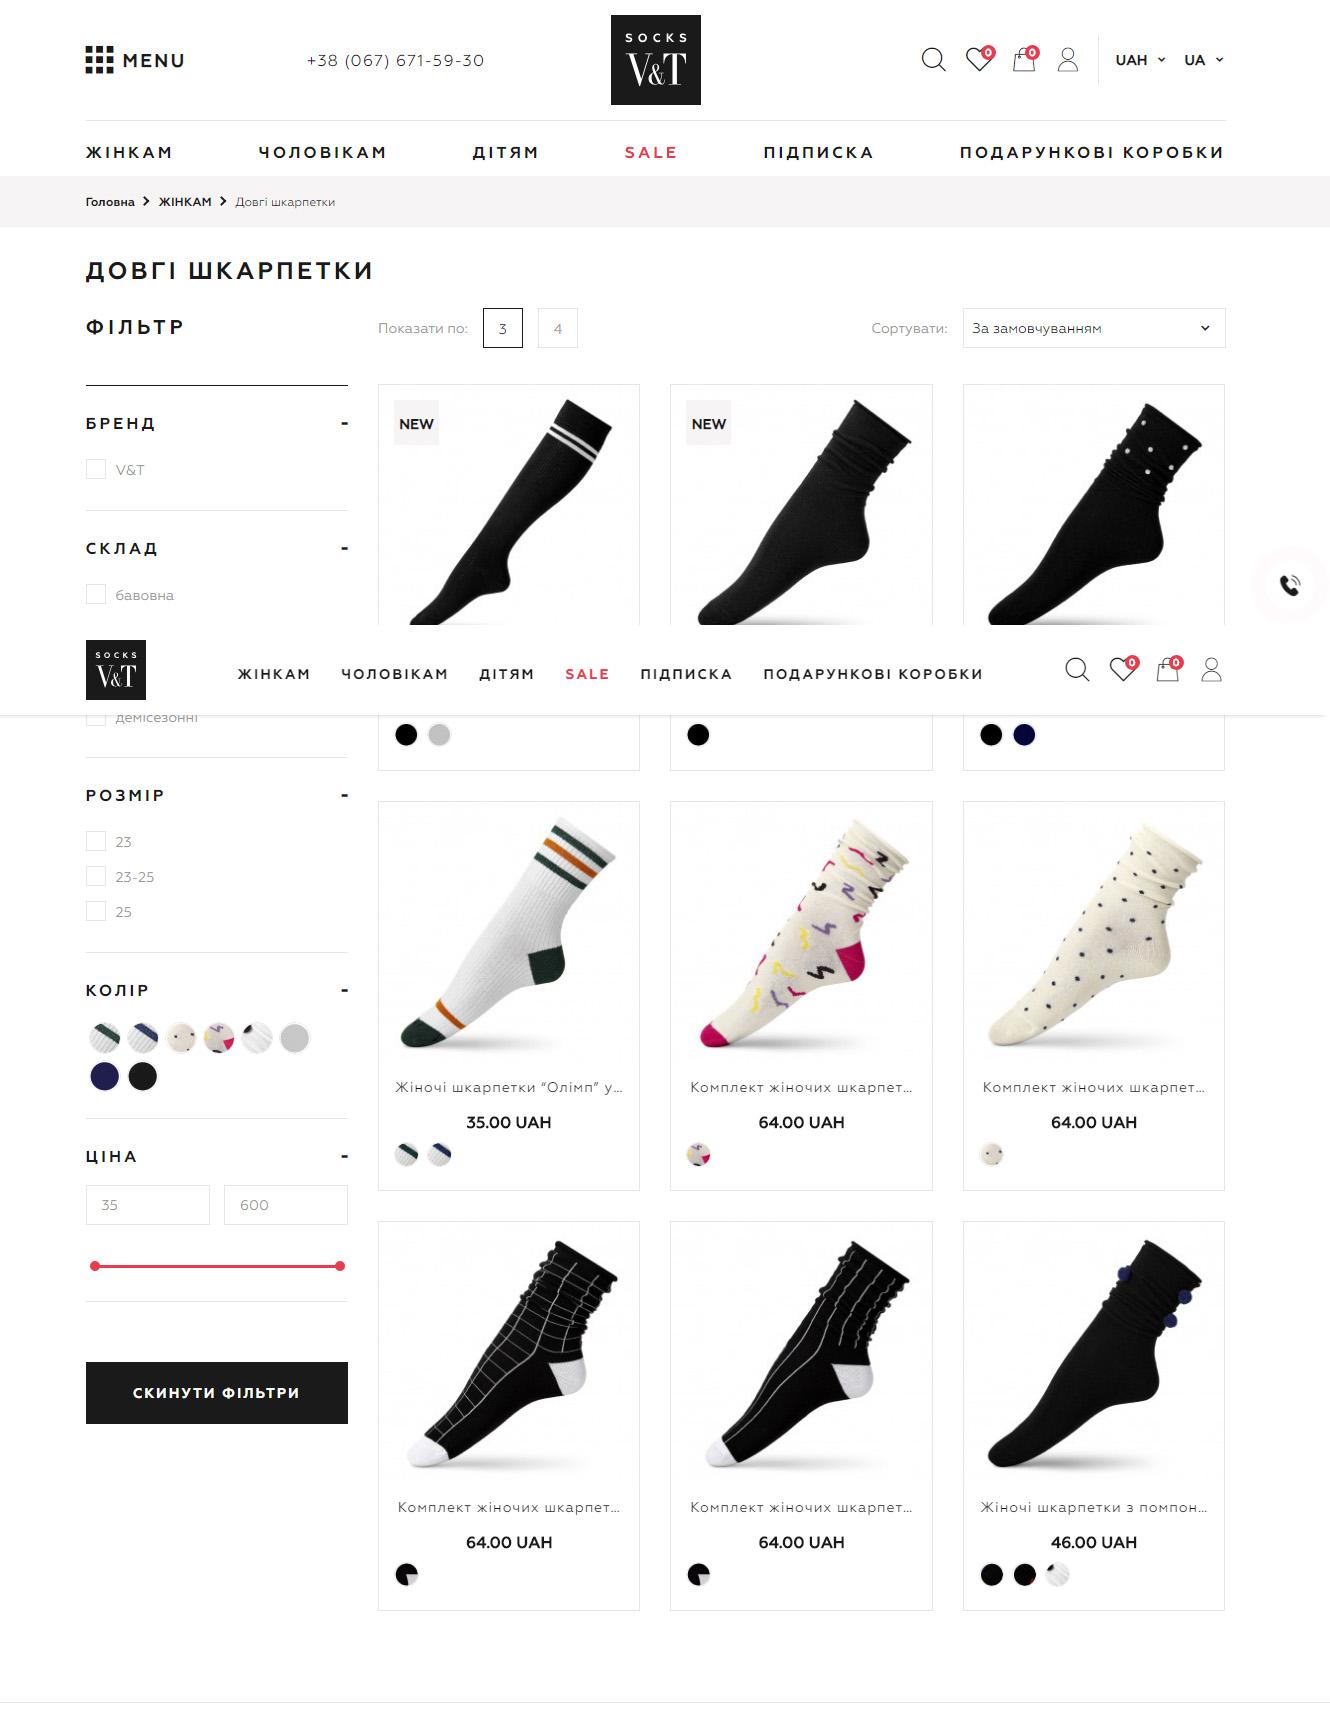 Проекти - V&T Socks : image-